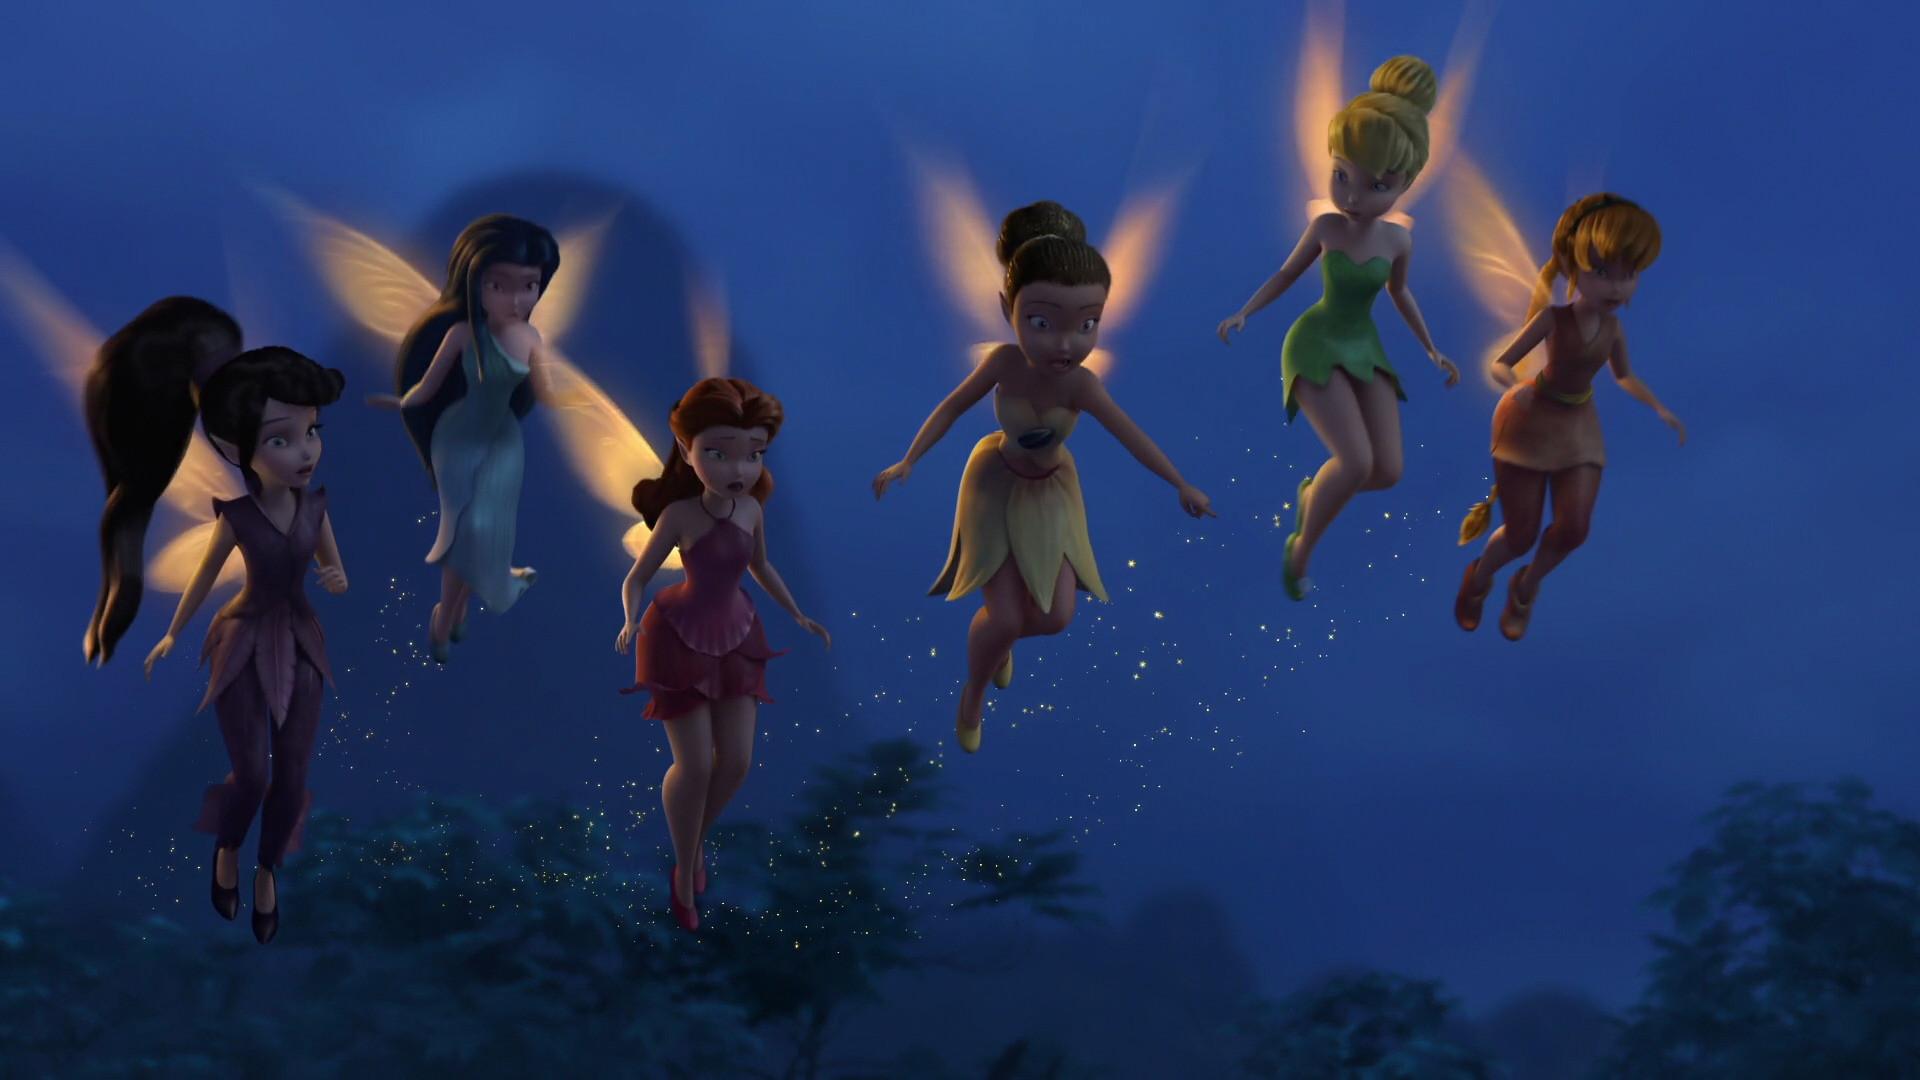 Image – Pirate-fairy-disneyscreencaps.com-2331.jpg | Disney Wiki | FANDOM  powered by Wikia